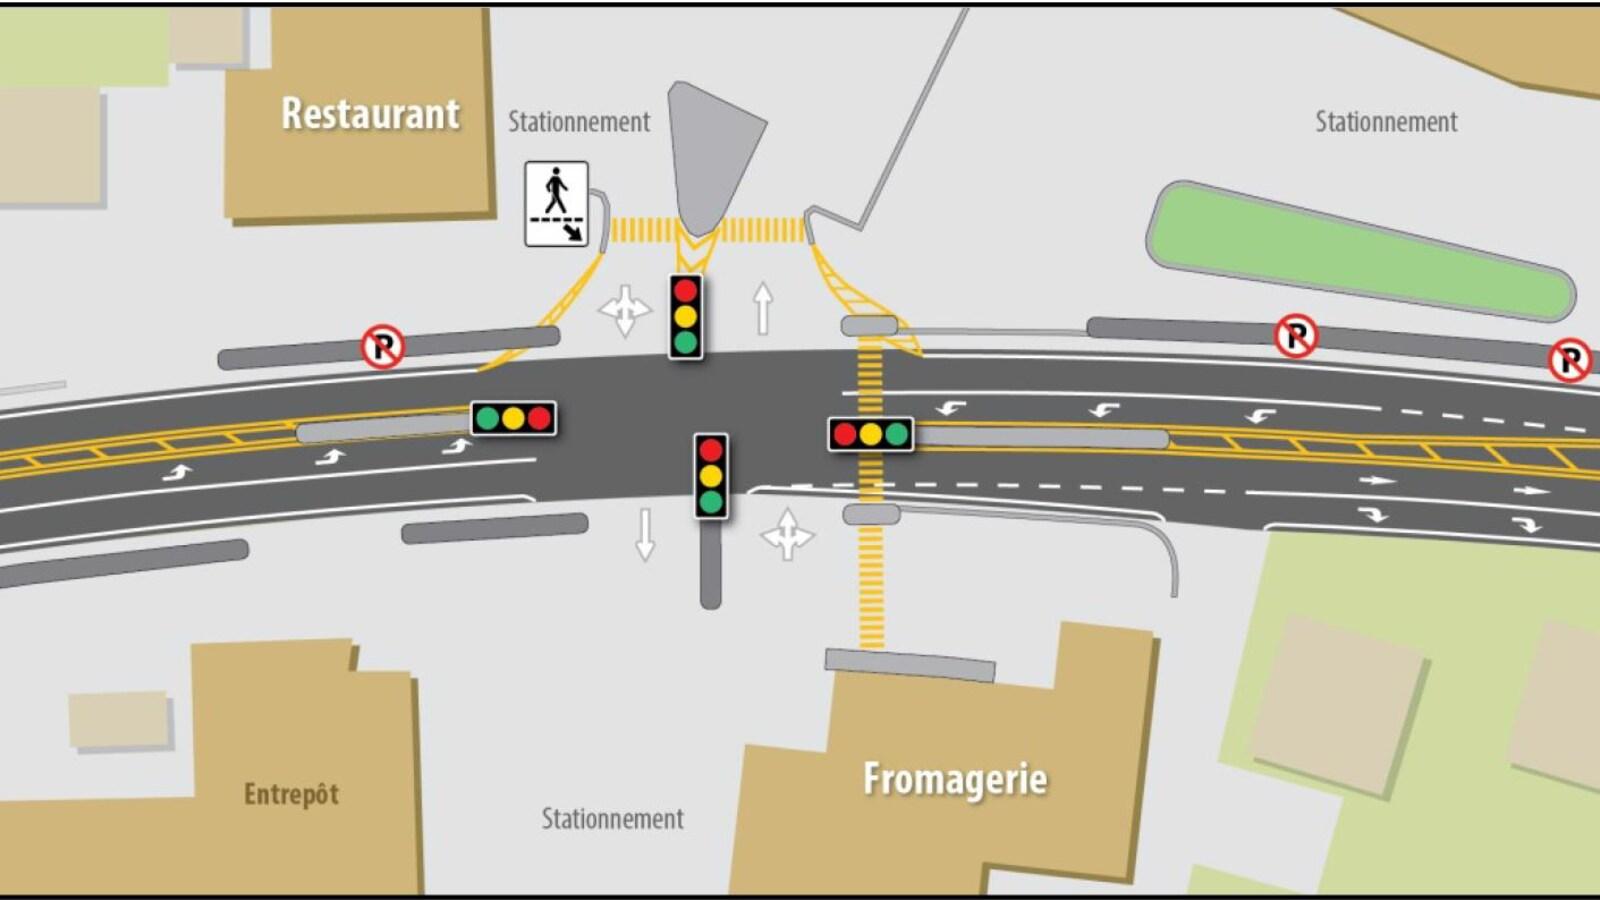 Un plan montrant que 4 lumières de circulation seront installées devant la Fromagerie des Basques.